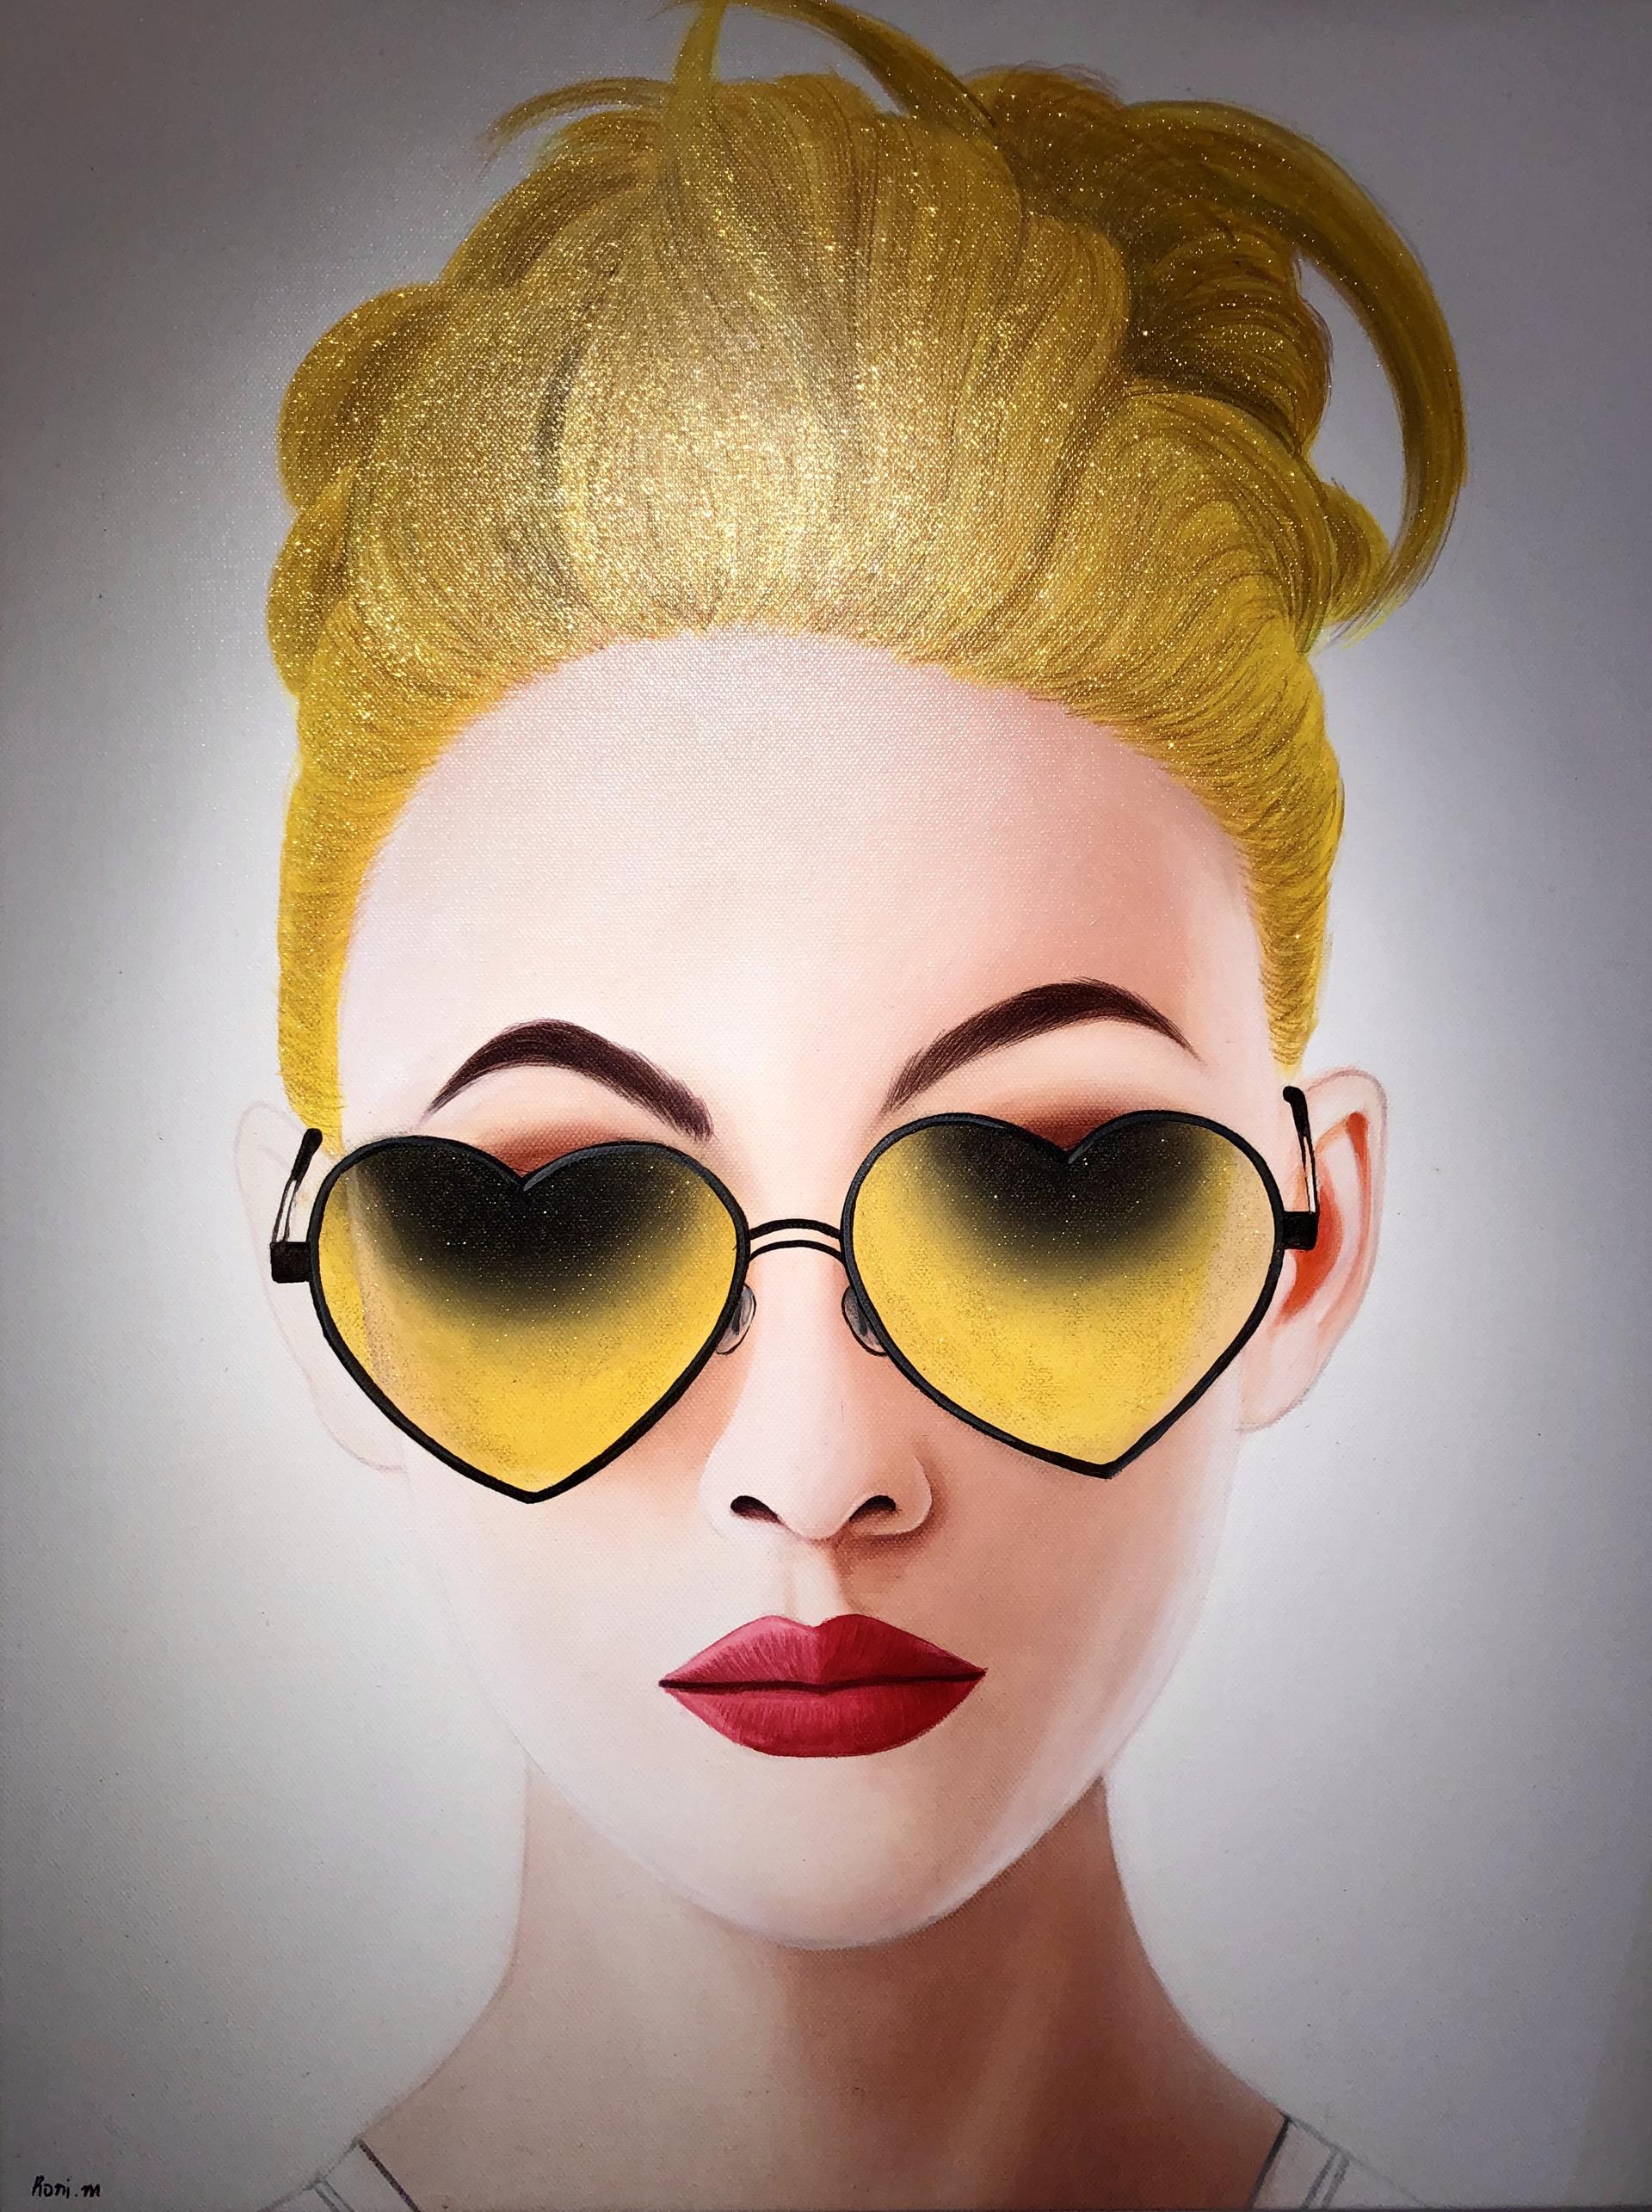 Blondie by Roni M